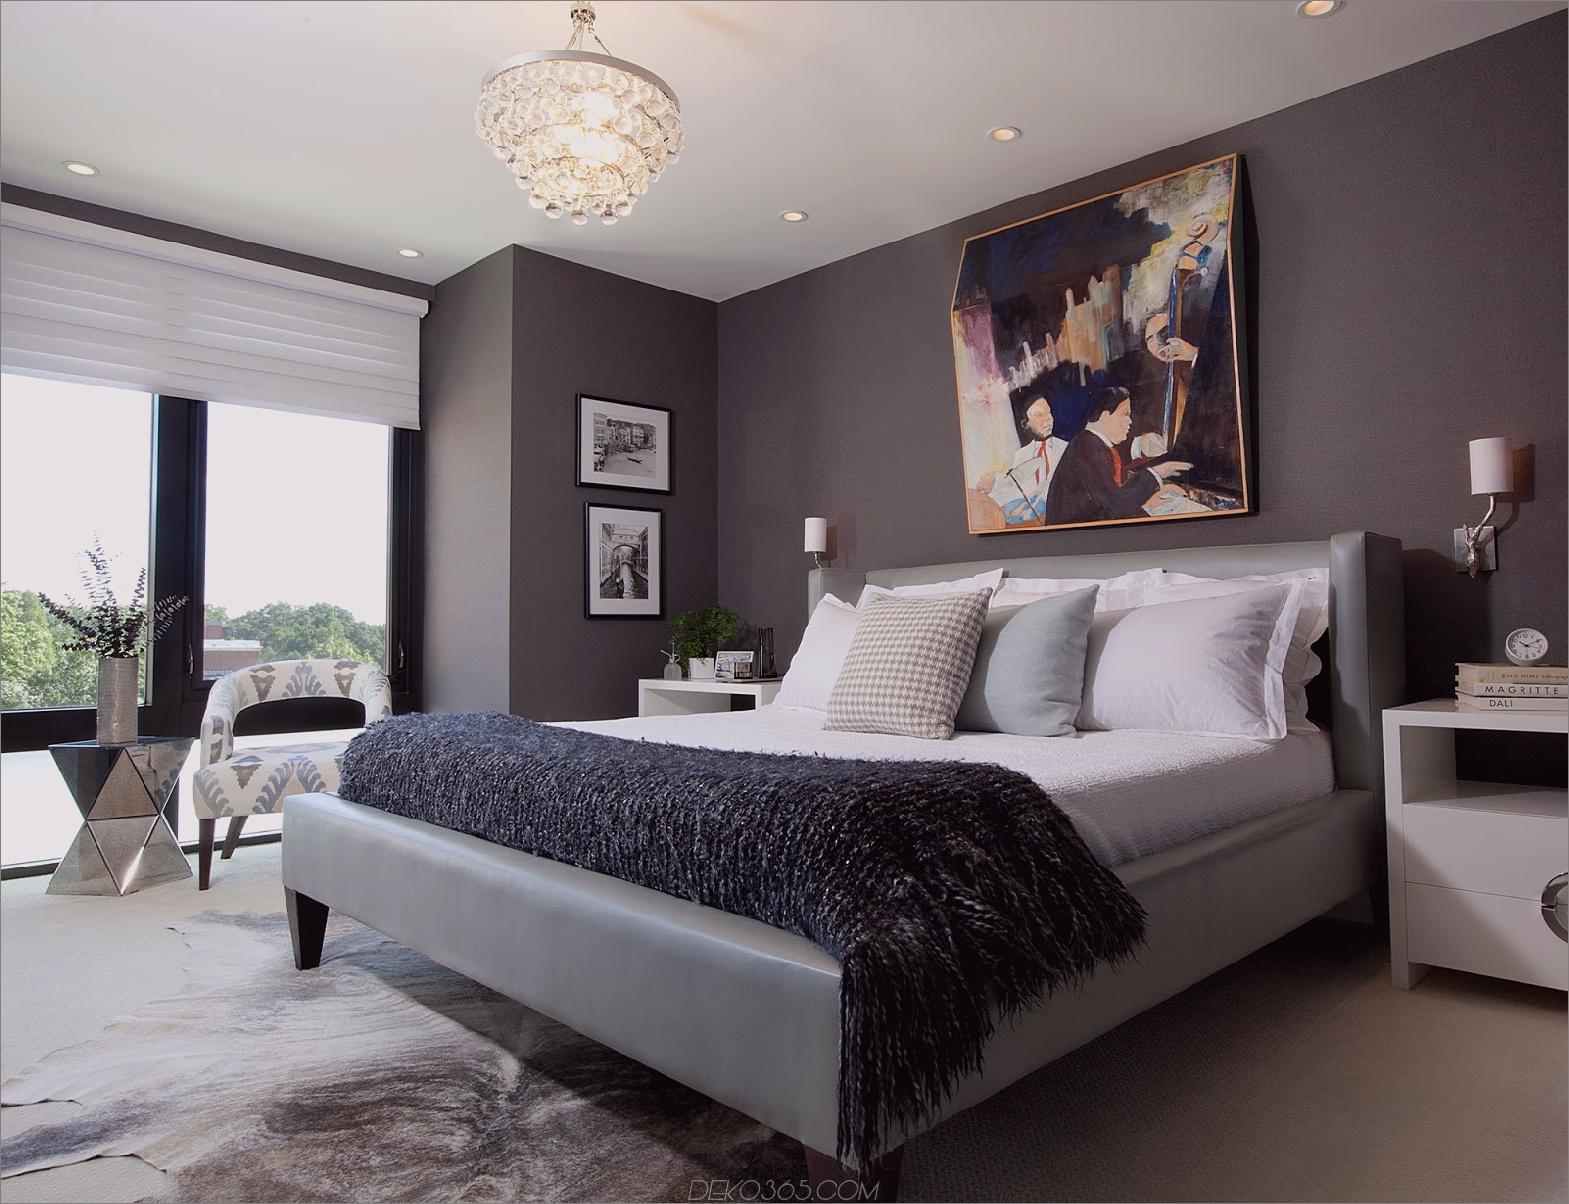 gemütliches dunkles Zimmer 11 Dekoration Tricks für Ihr Schlafzimmer Cozier